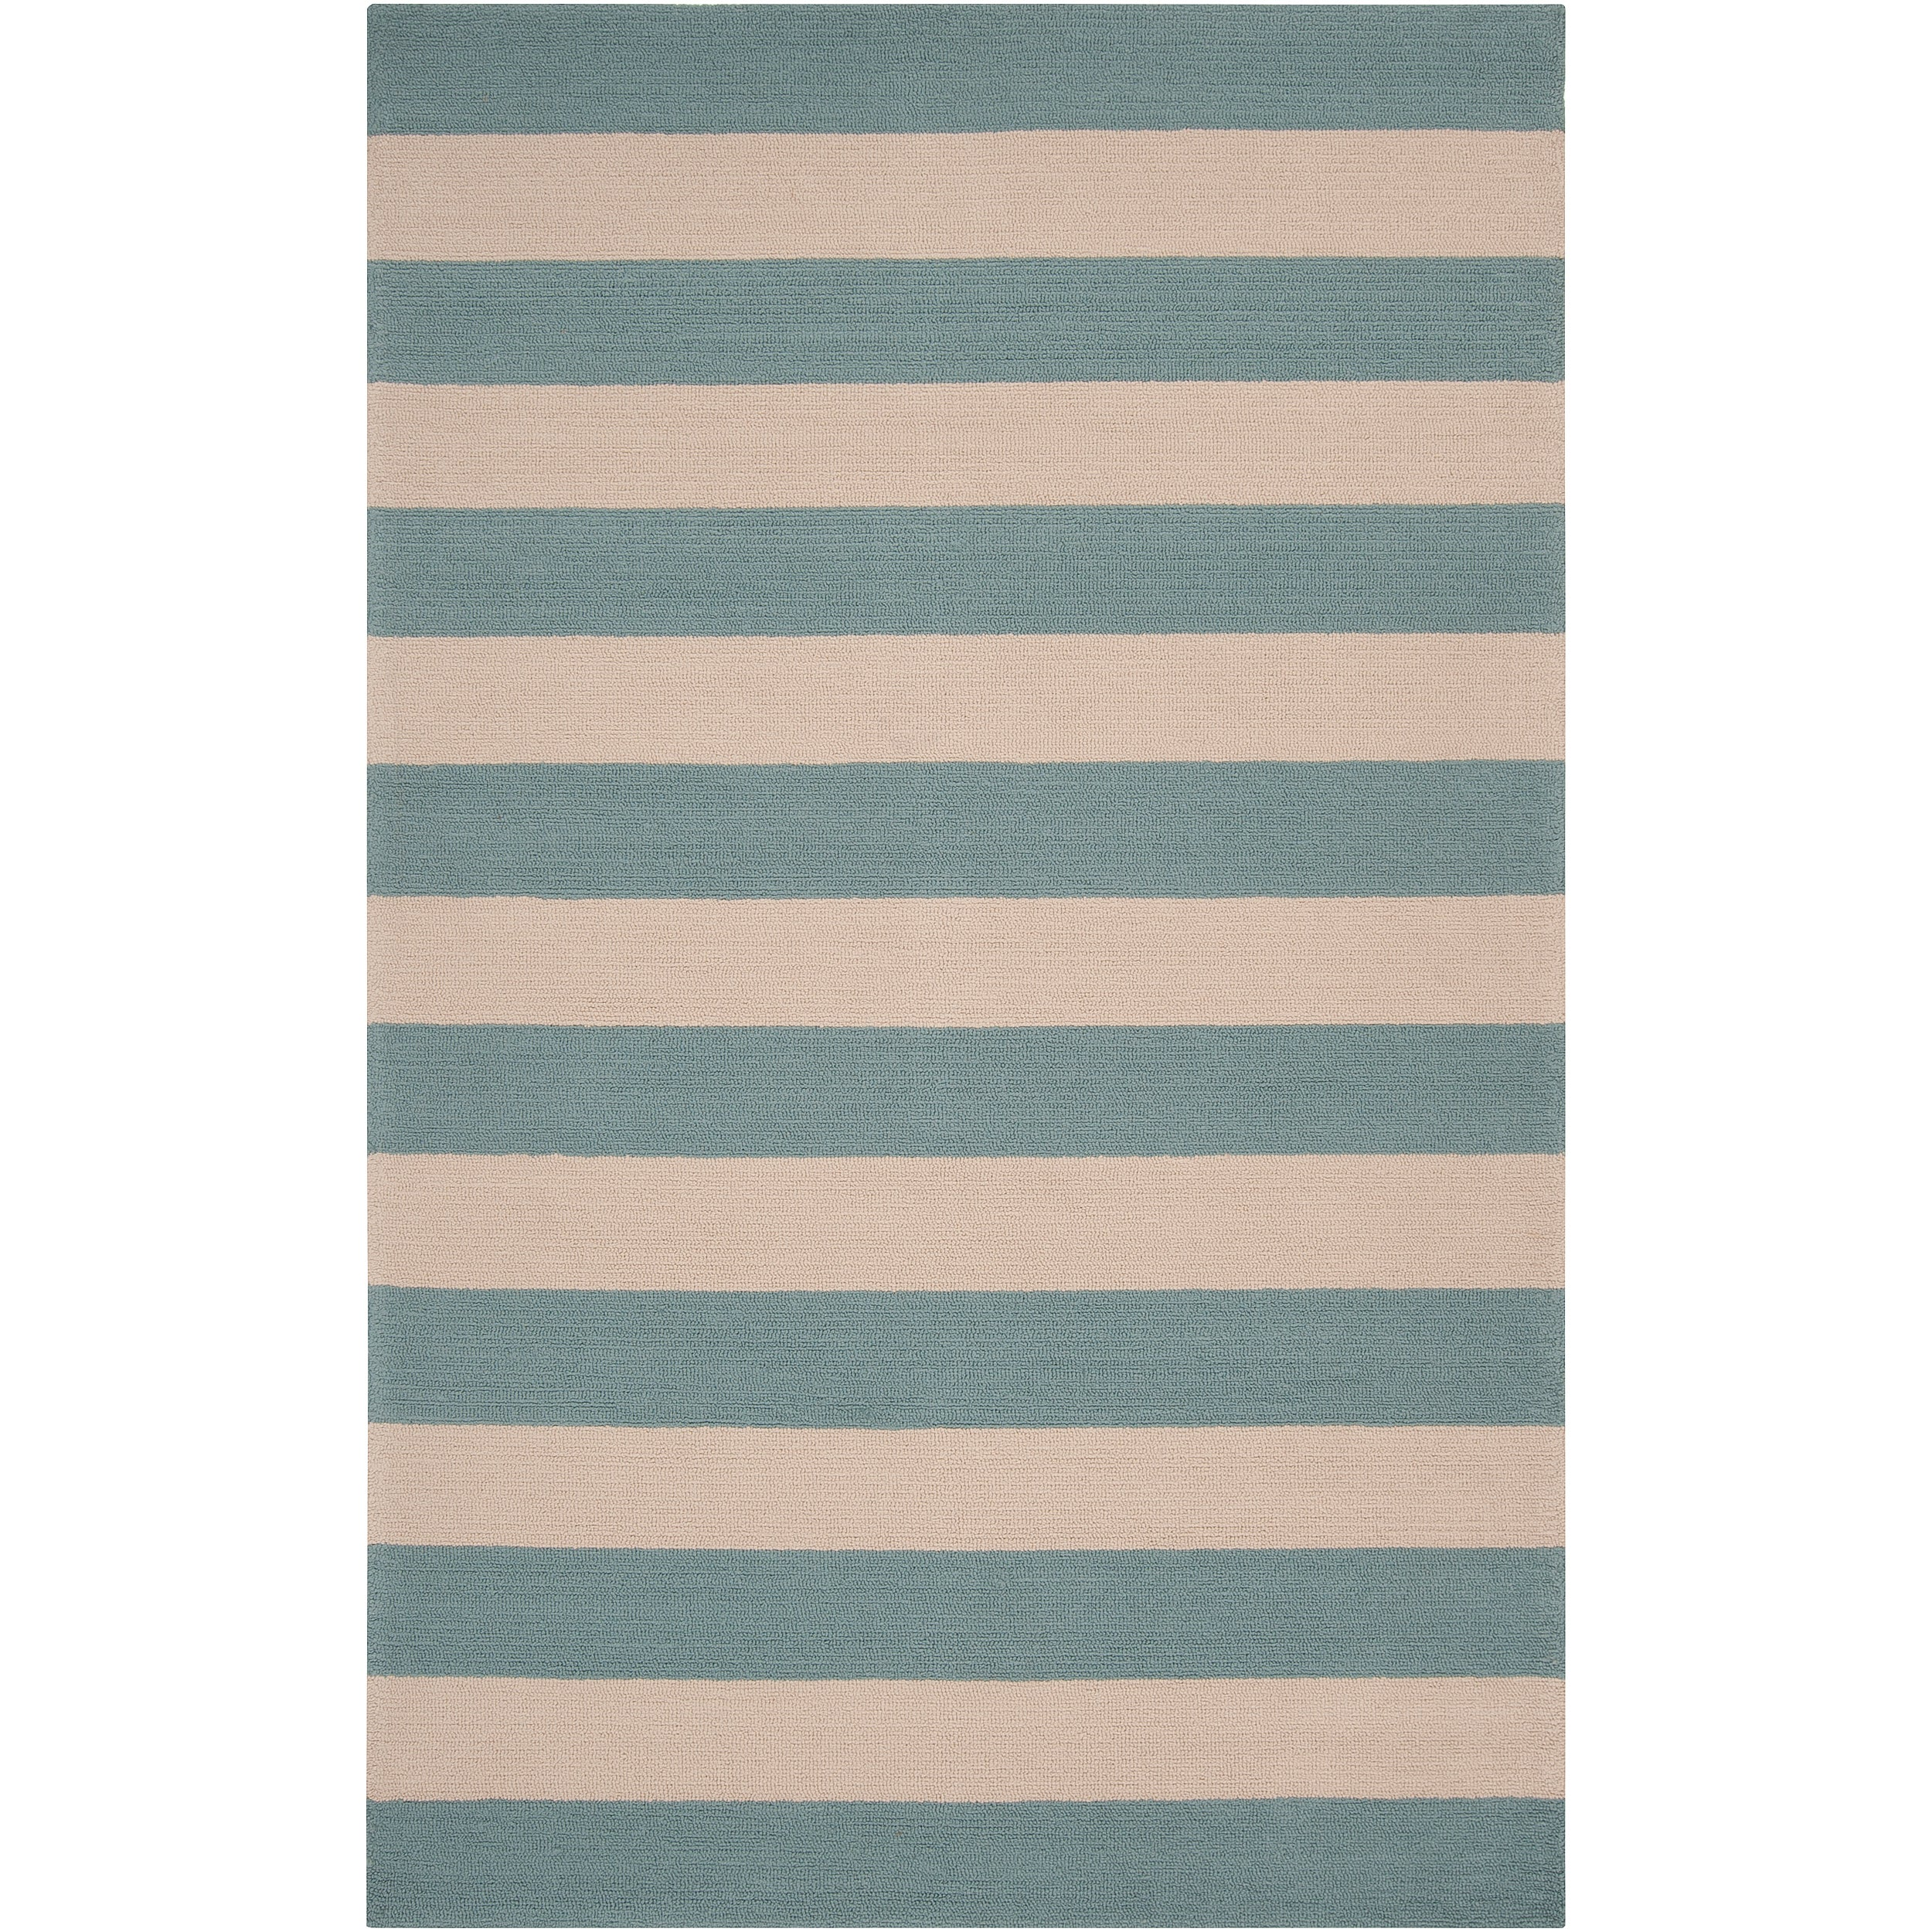 Hand-hooked Blue Maligne Indoor/Outdoor Stripe Rug (8' x 10')